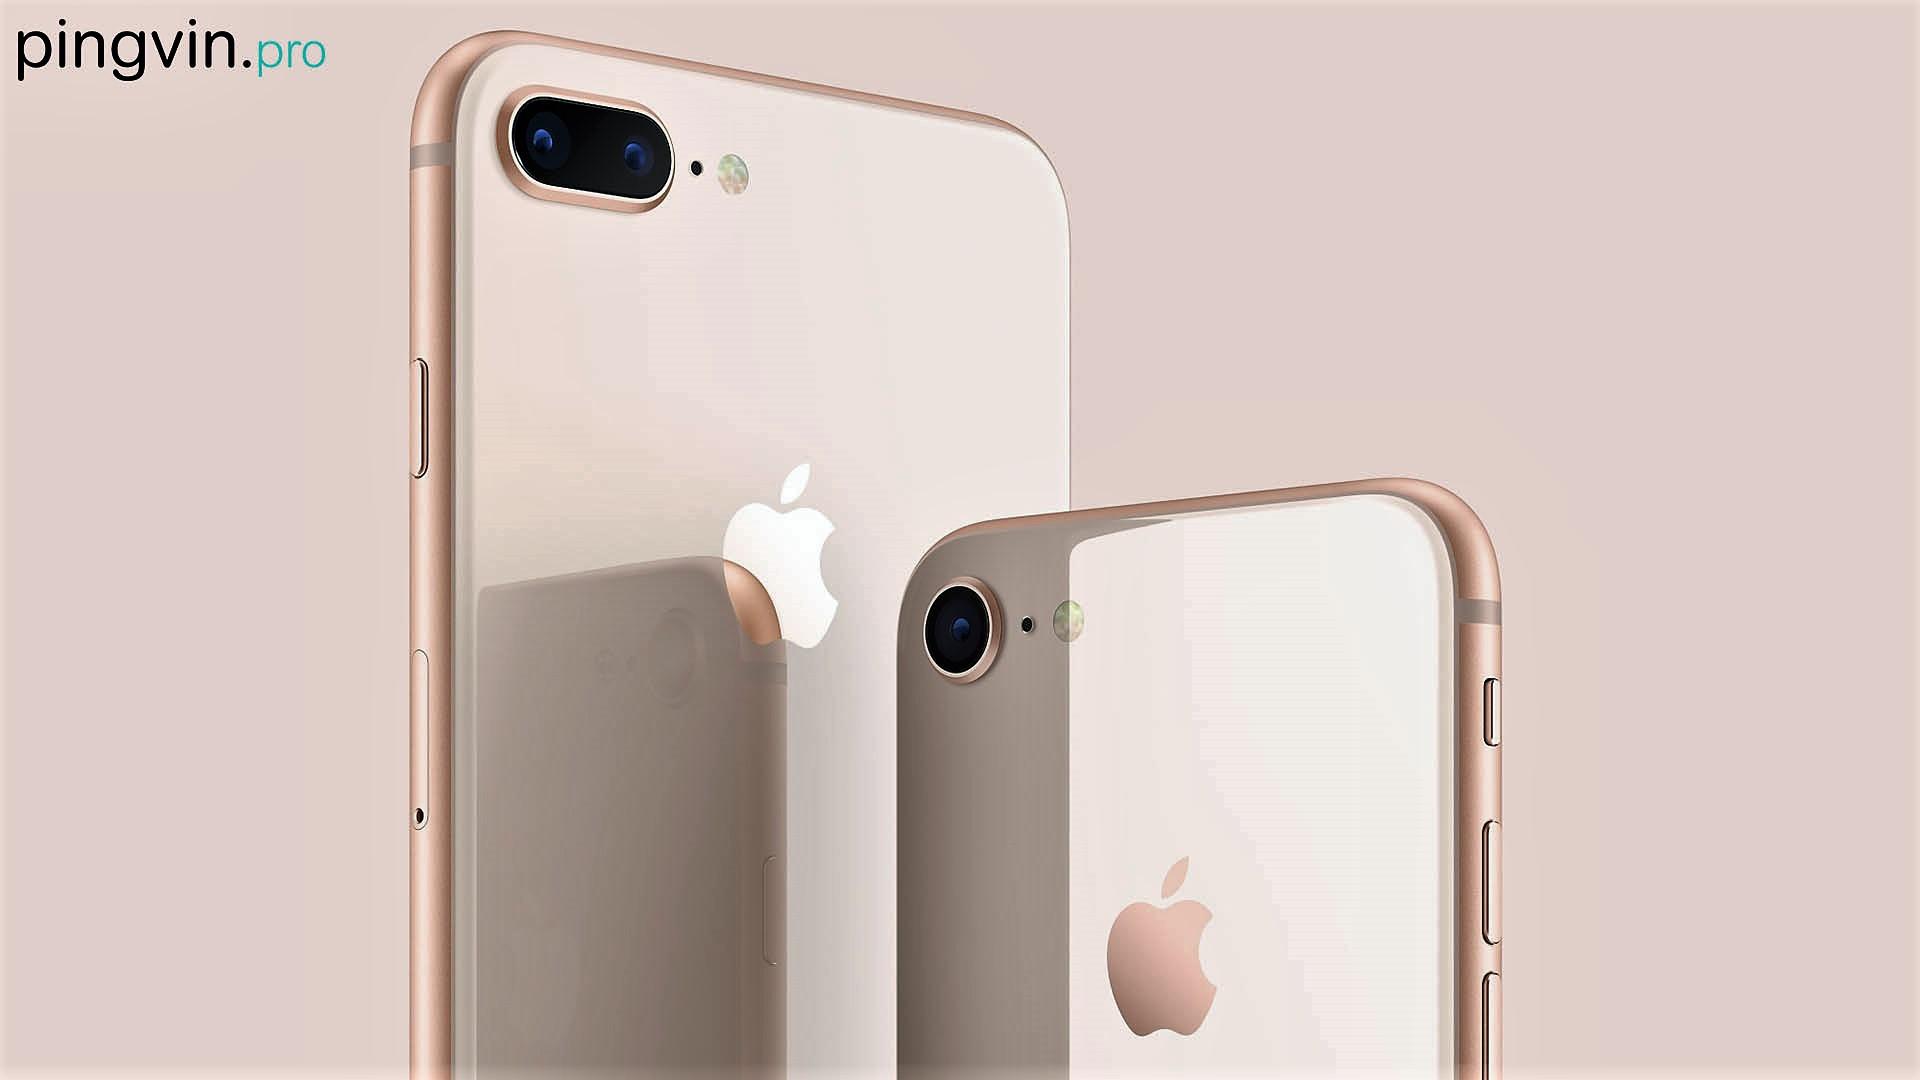 Apple може випустити оновлену версію iPhone 8